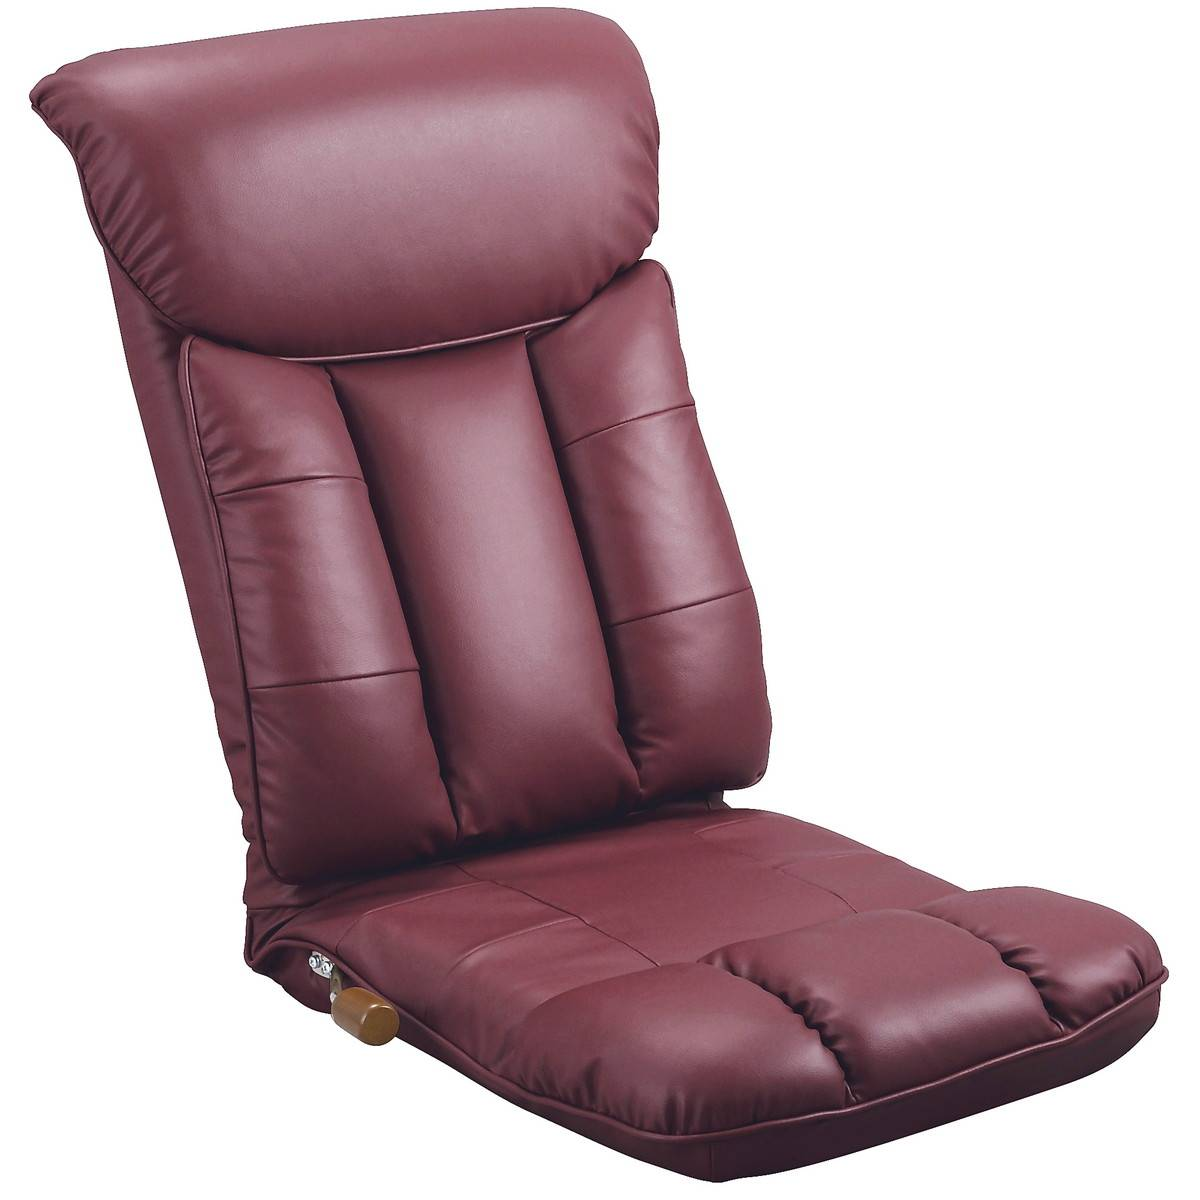 日本製 スーパーソフトレザー リクライニング 座椅子 (ワインレッド)